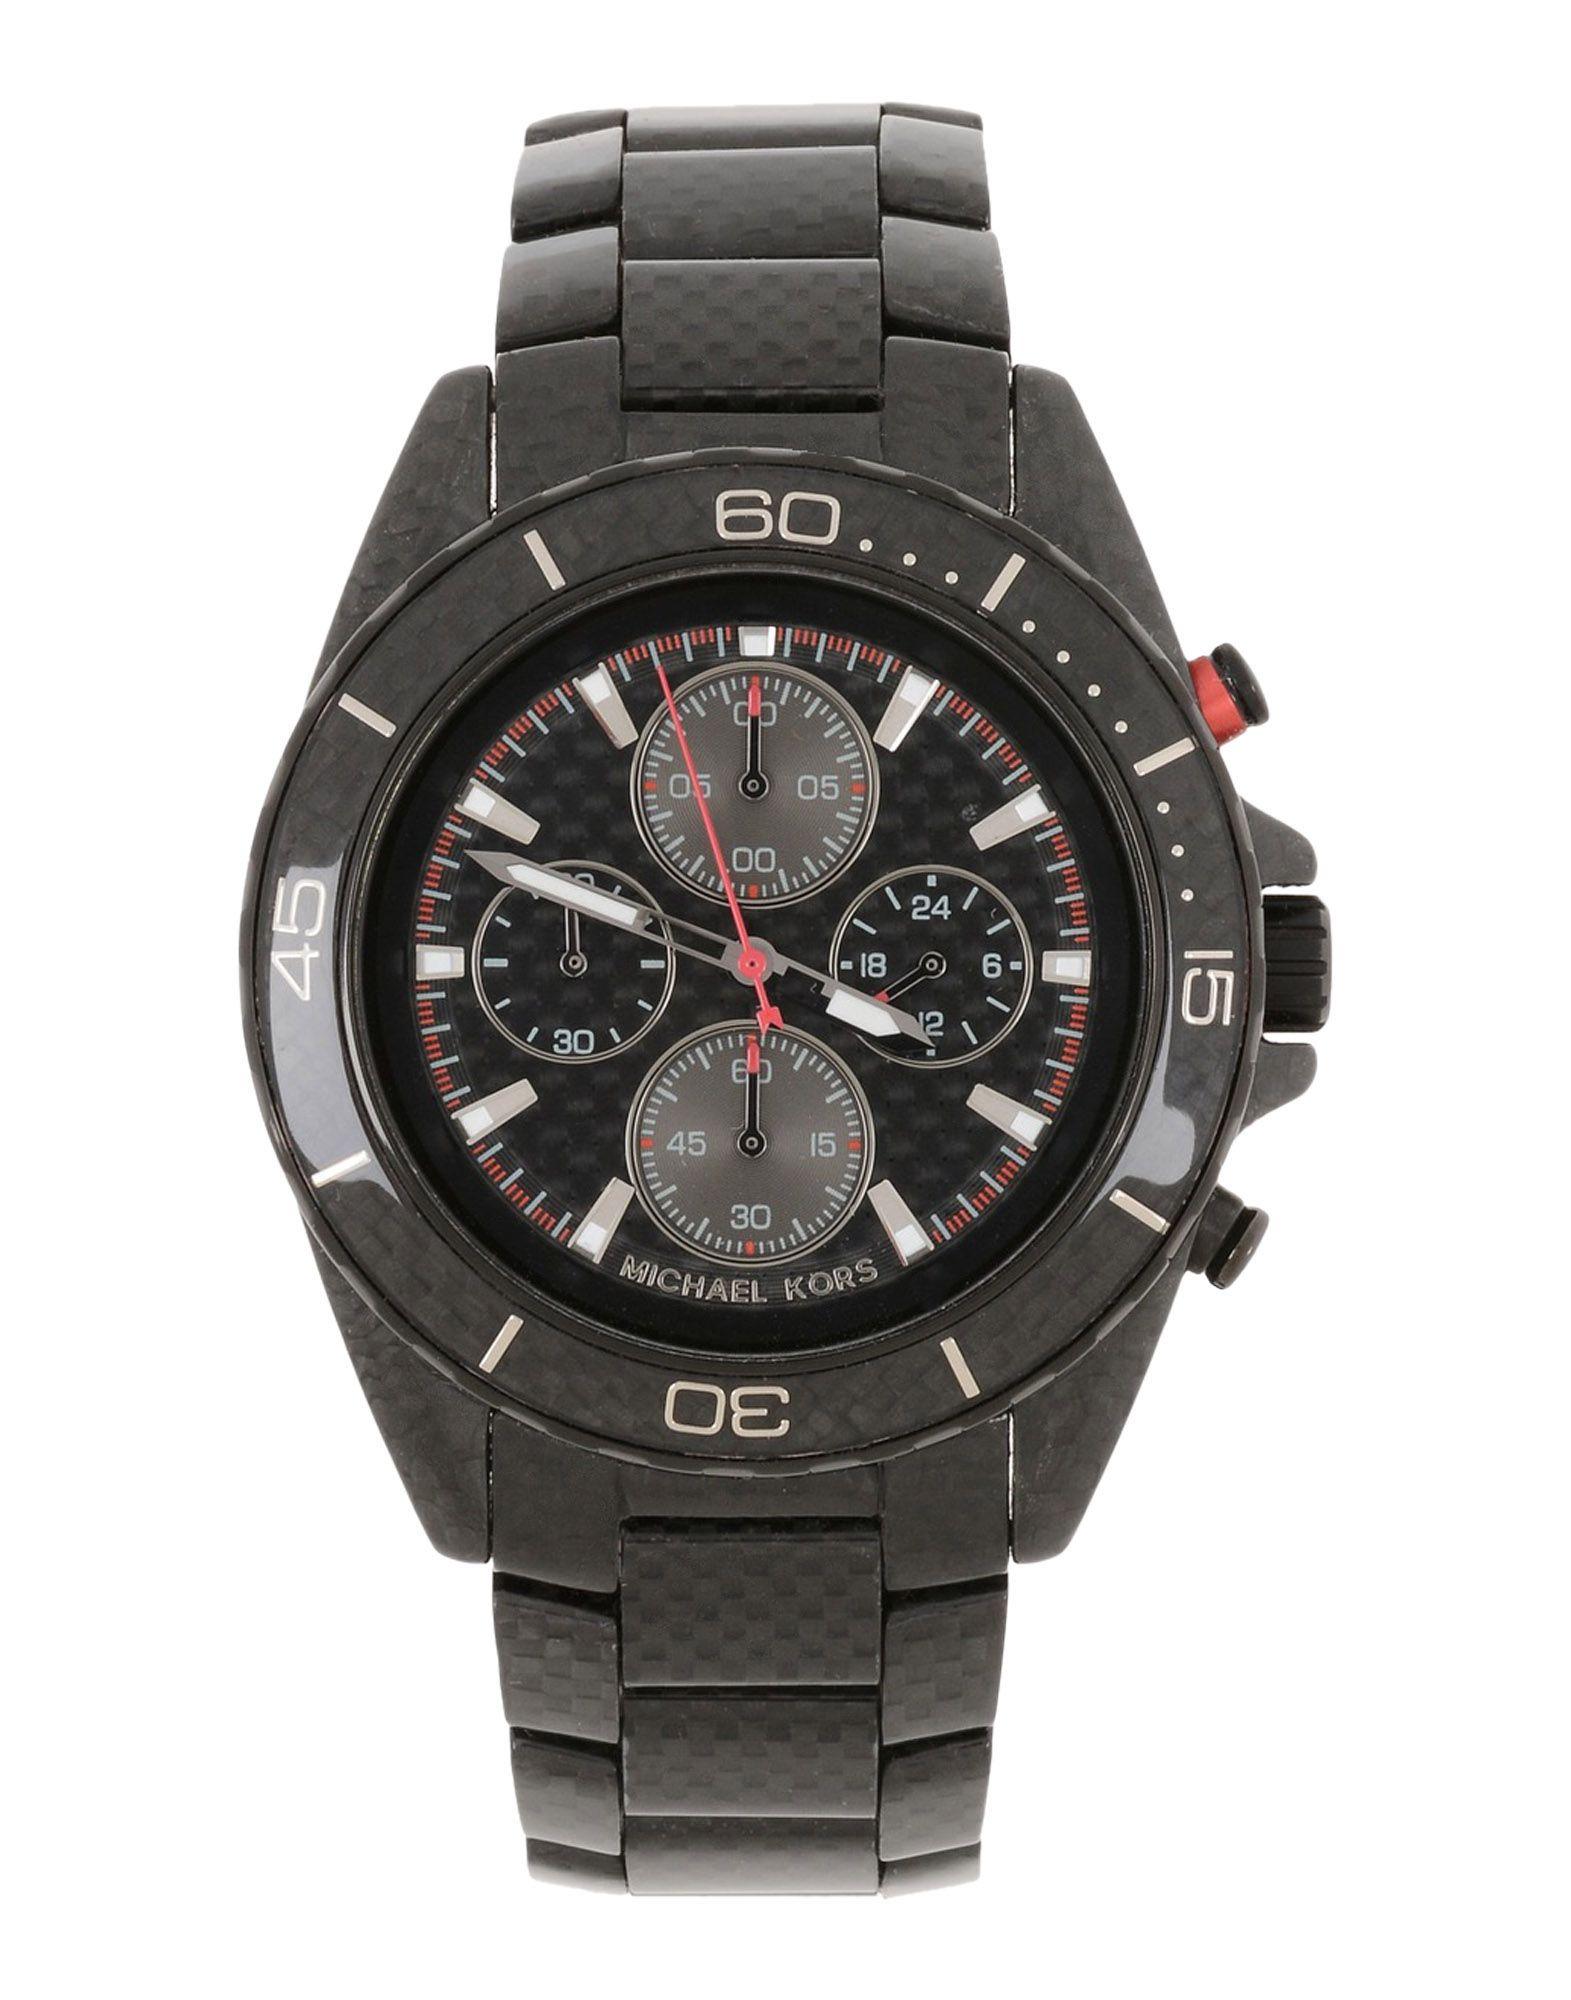 MICHAEL KORS Herren Armbanduhr Farbe Schwarz Größe 1 jetztbilligerkaufen